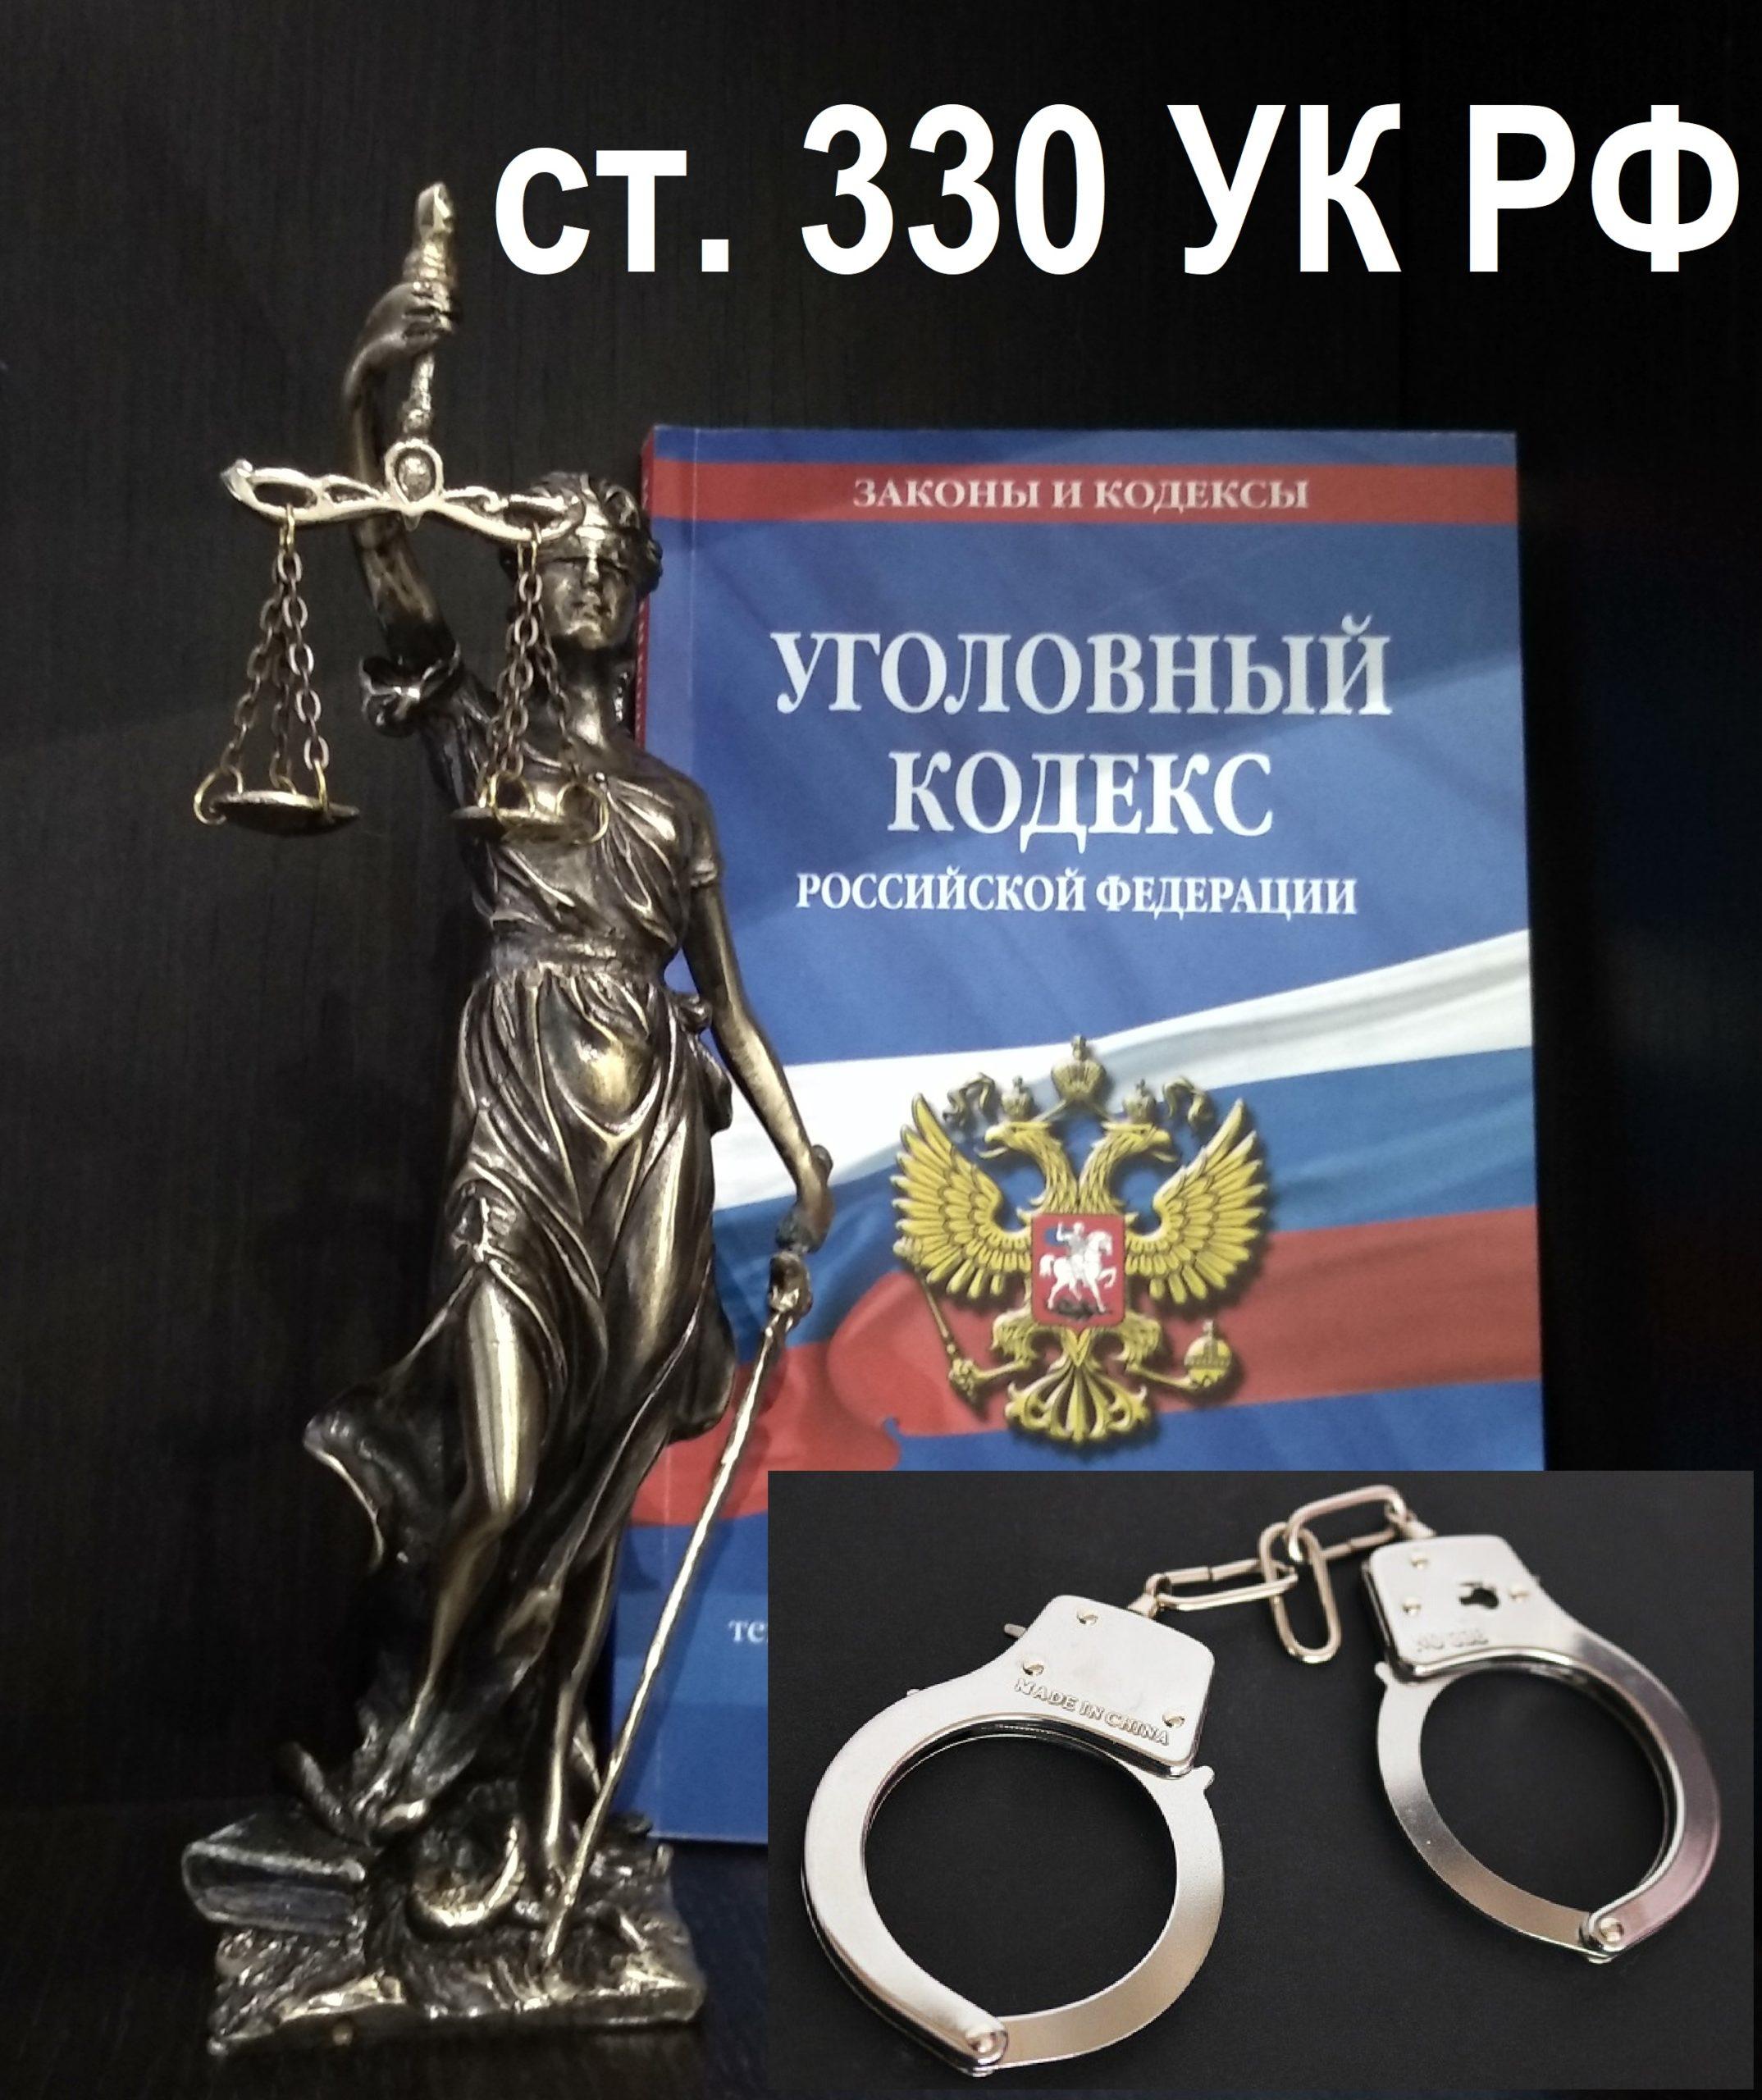 Адвокат по ст. 330 УК РФ Самоуправство